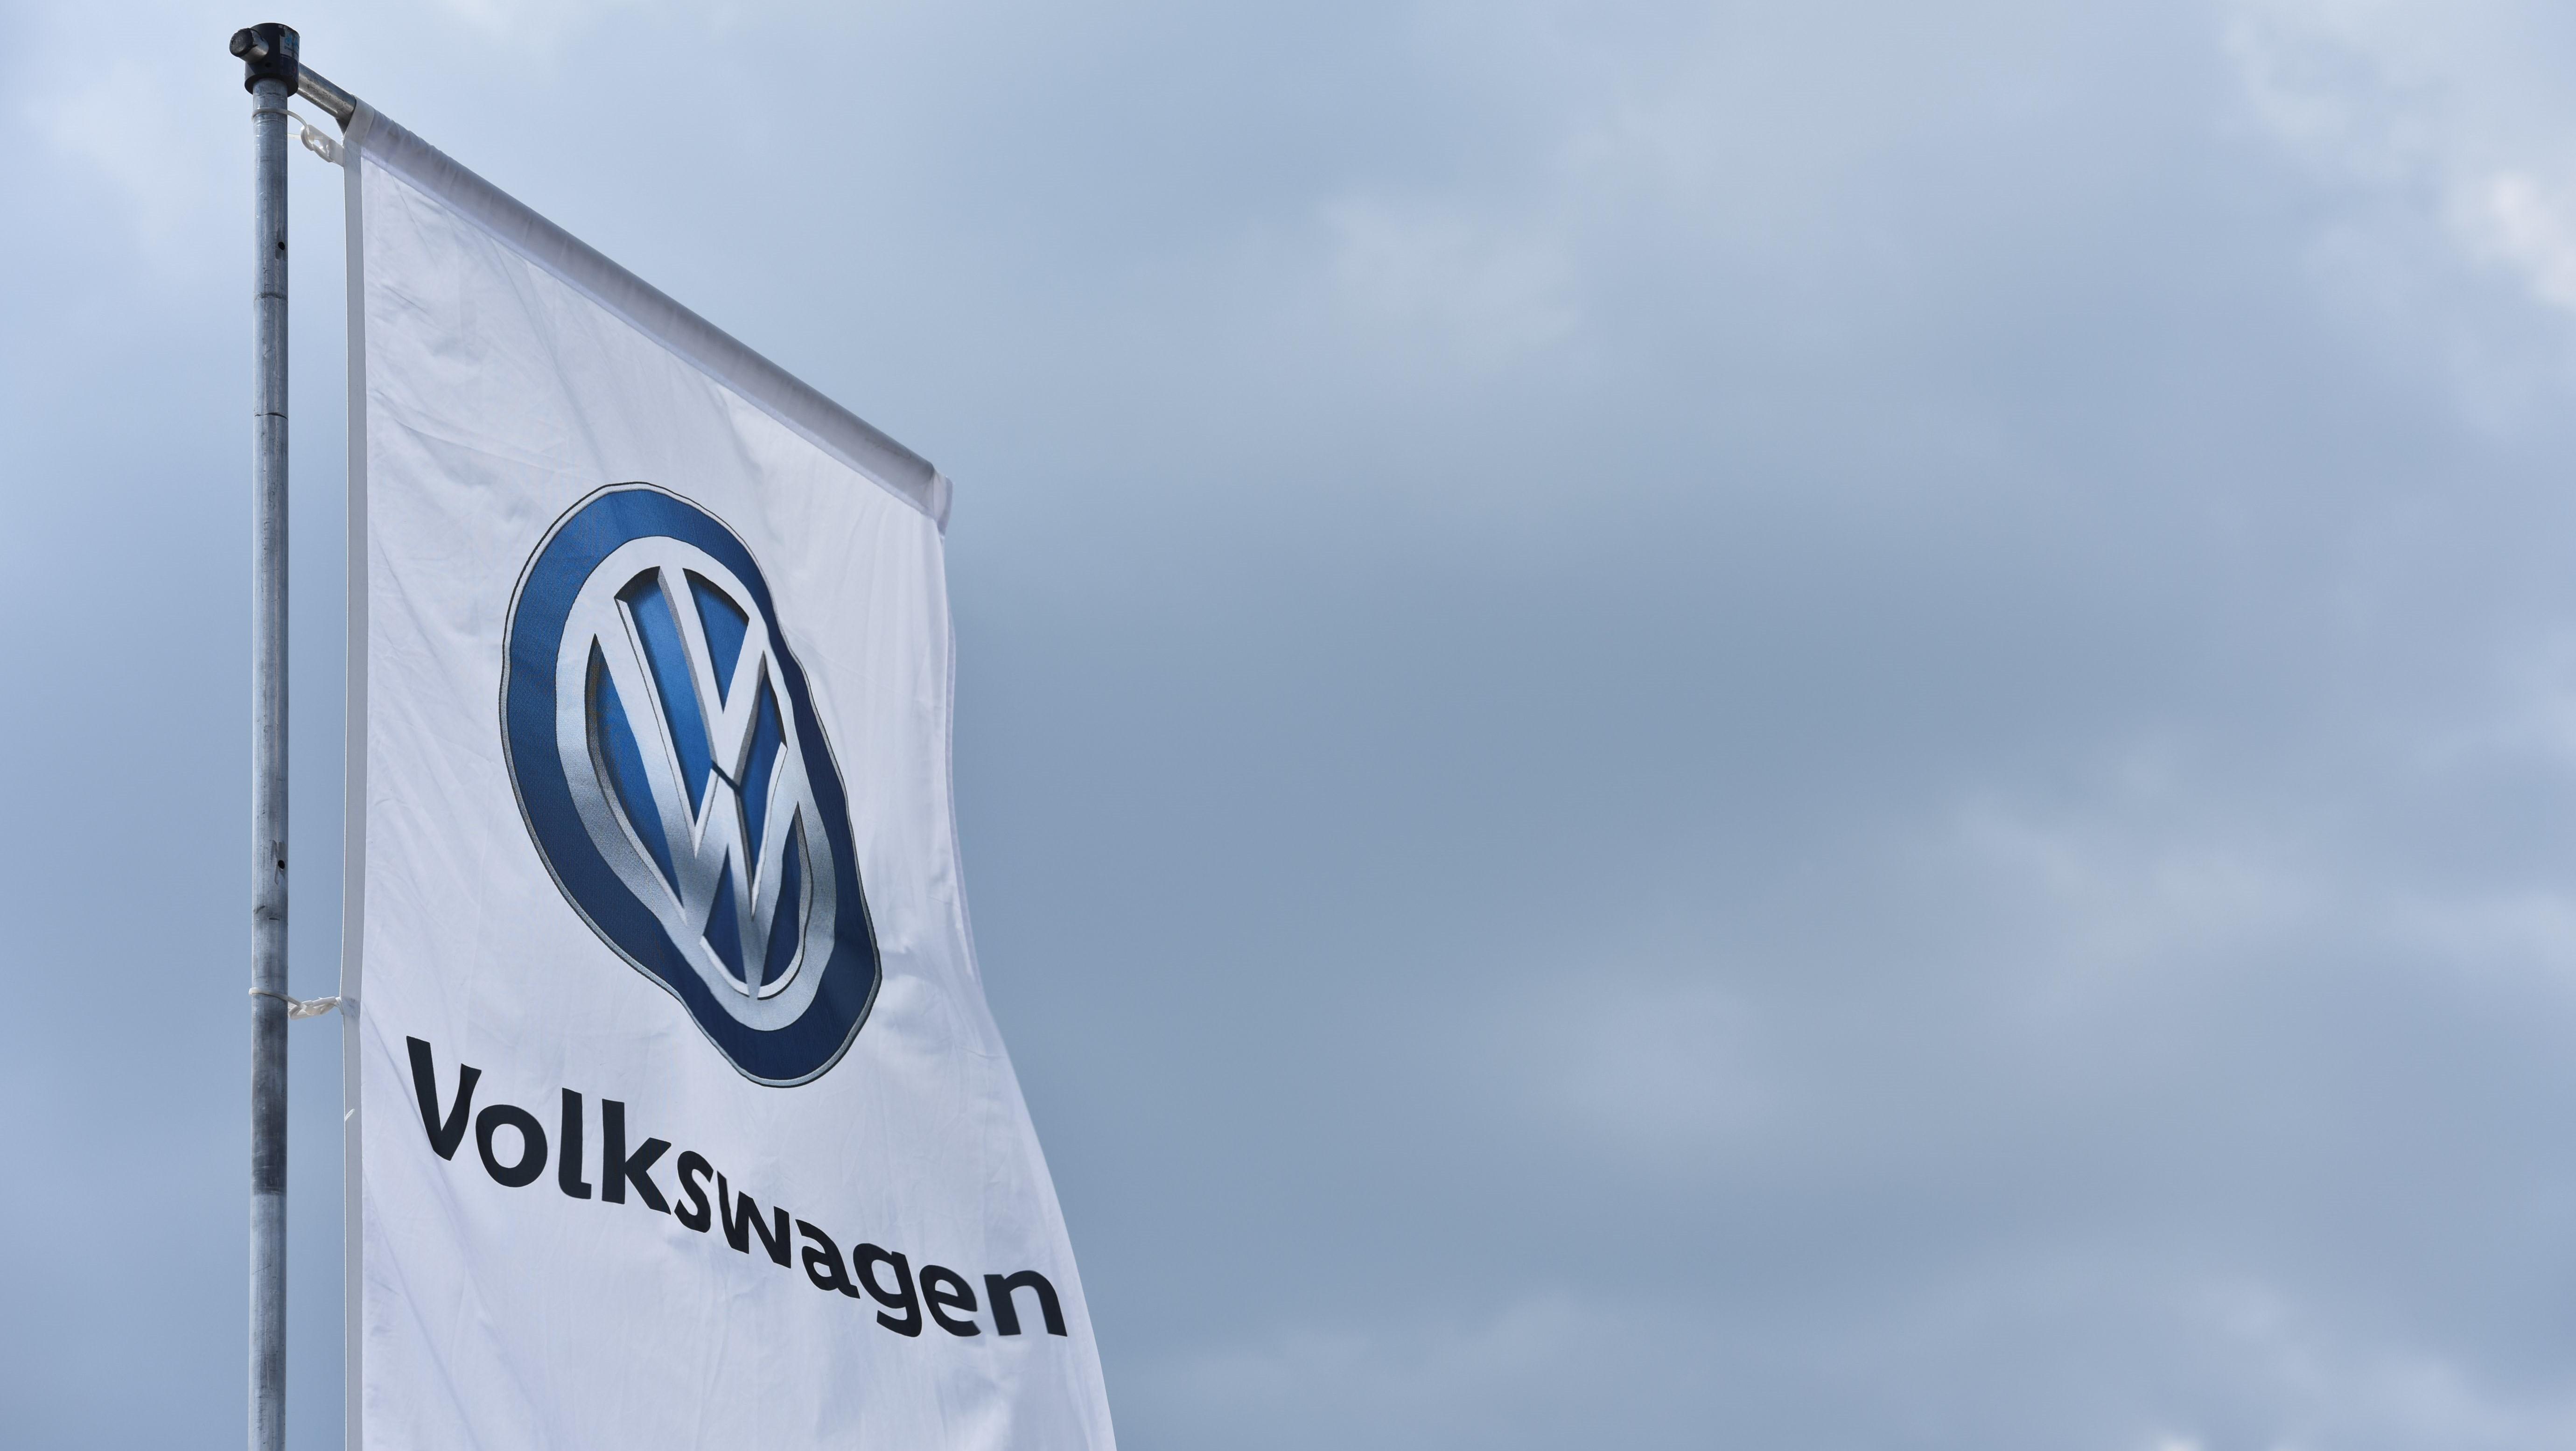 VW-Fahne vor trübem Himmel